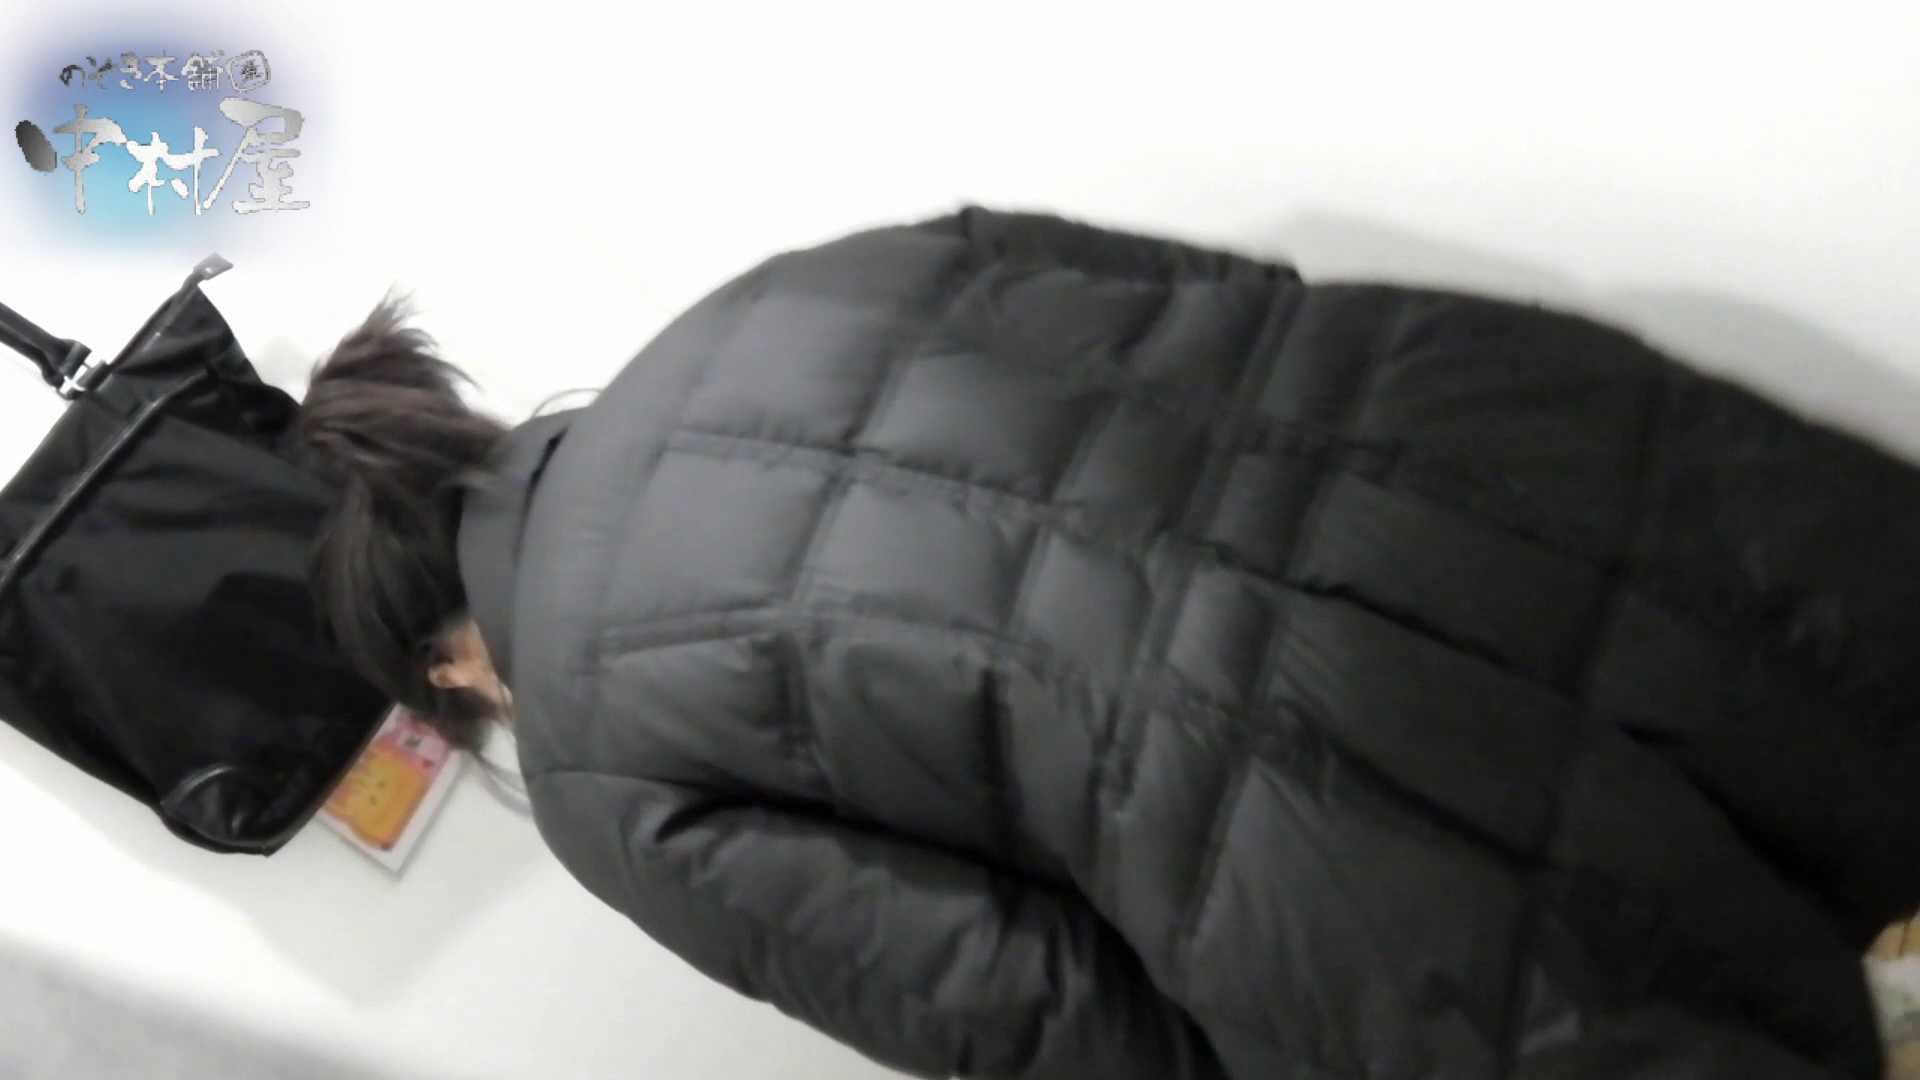 乙女集まる!ショッピングモール潜入撮vol.09 潜入 オマンコ動画キャプチャ 37PICs 21